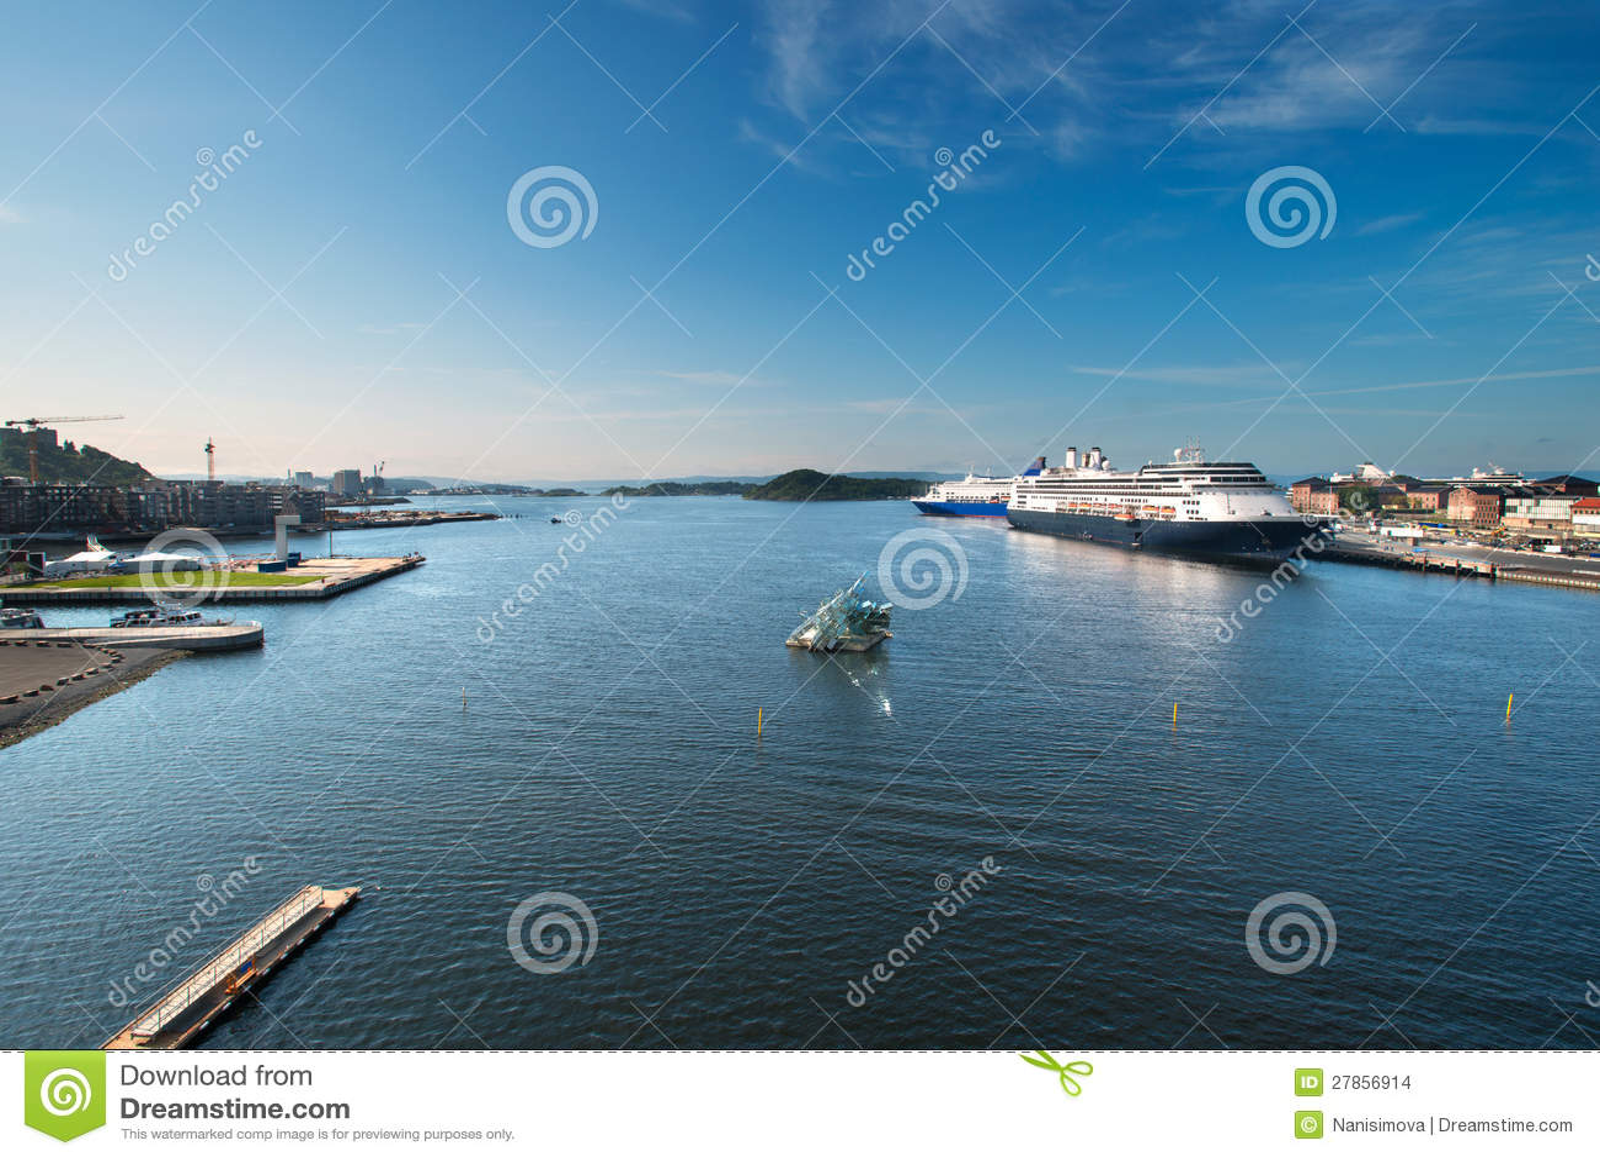 Oslo schronienie z statkami wycieczkowymi